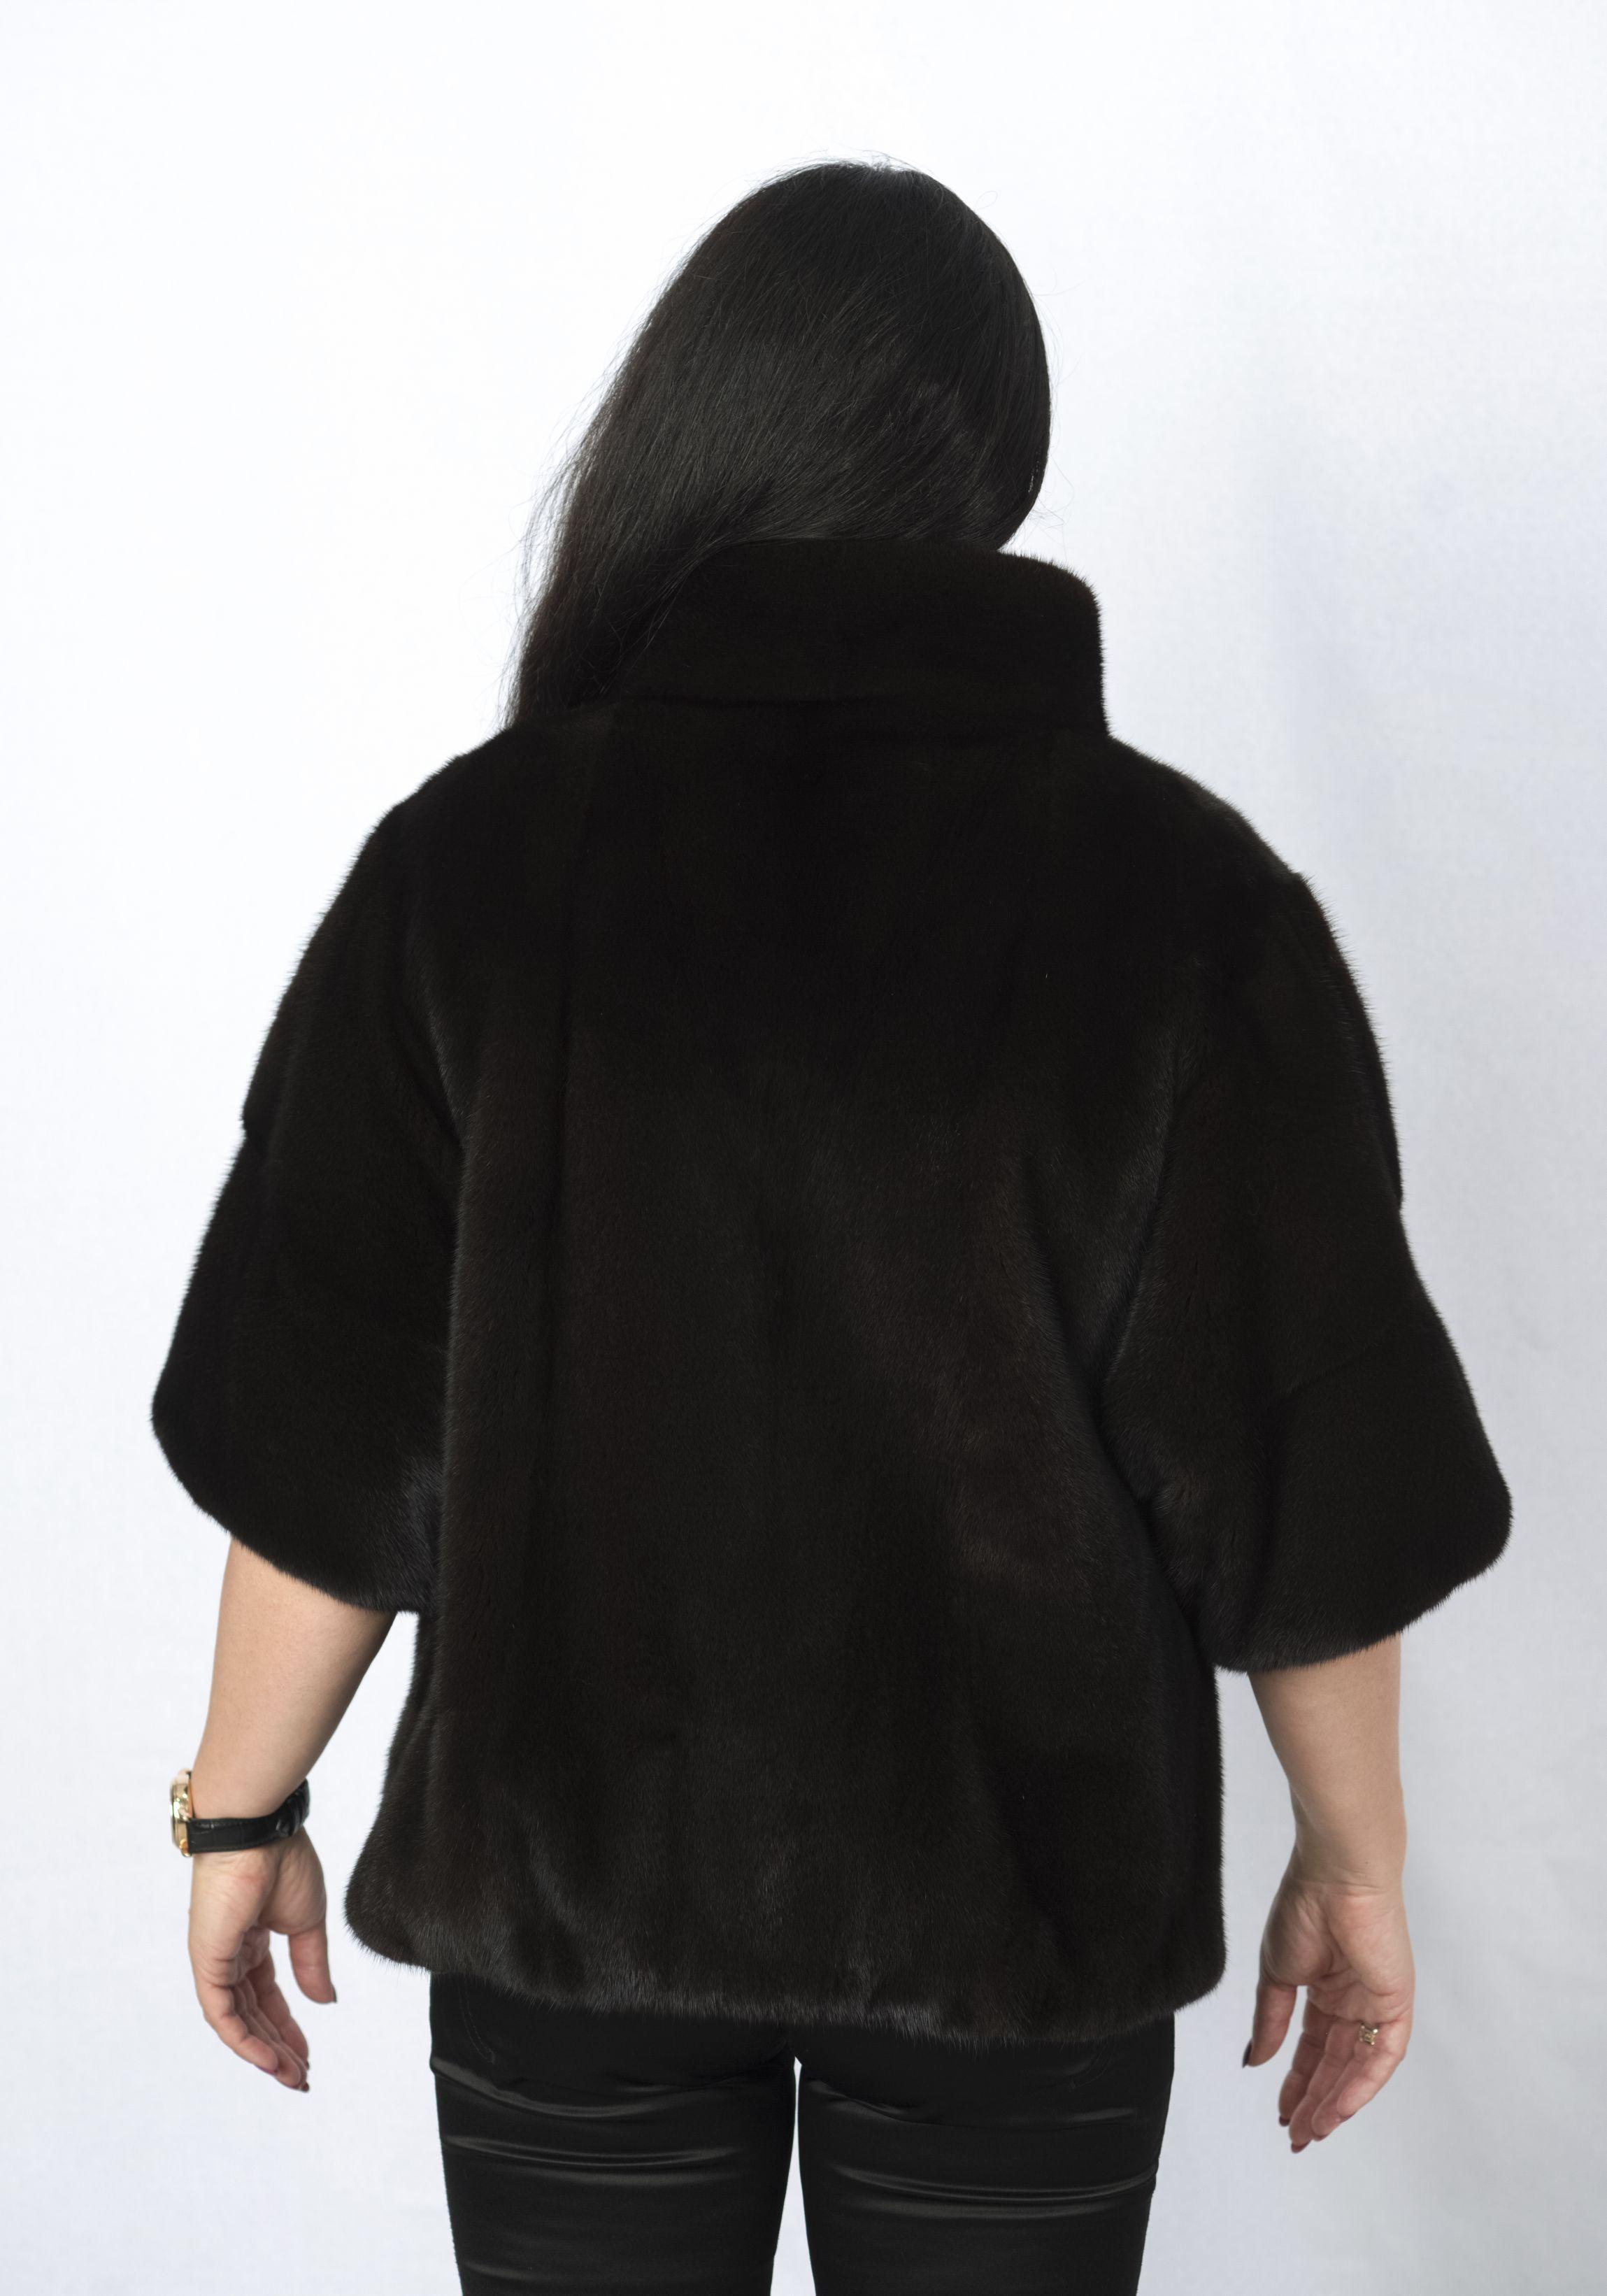 Шуба женская норковая 979 фото №1